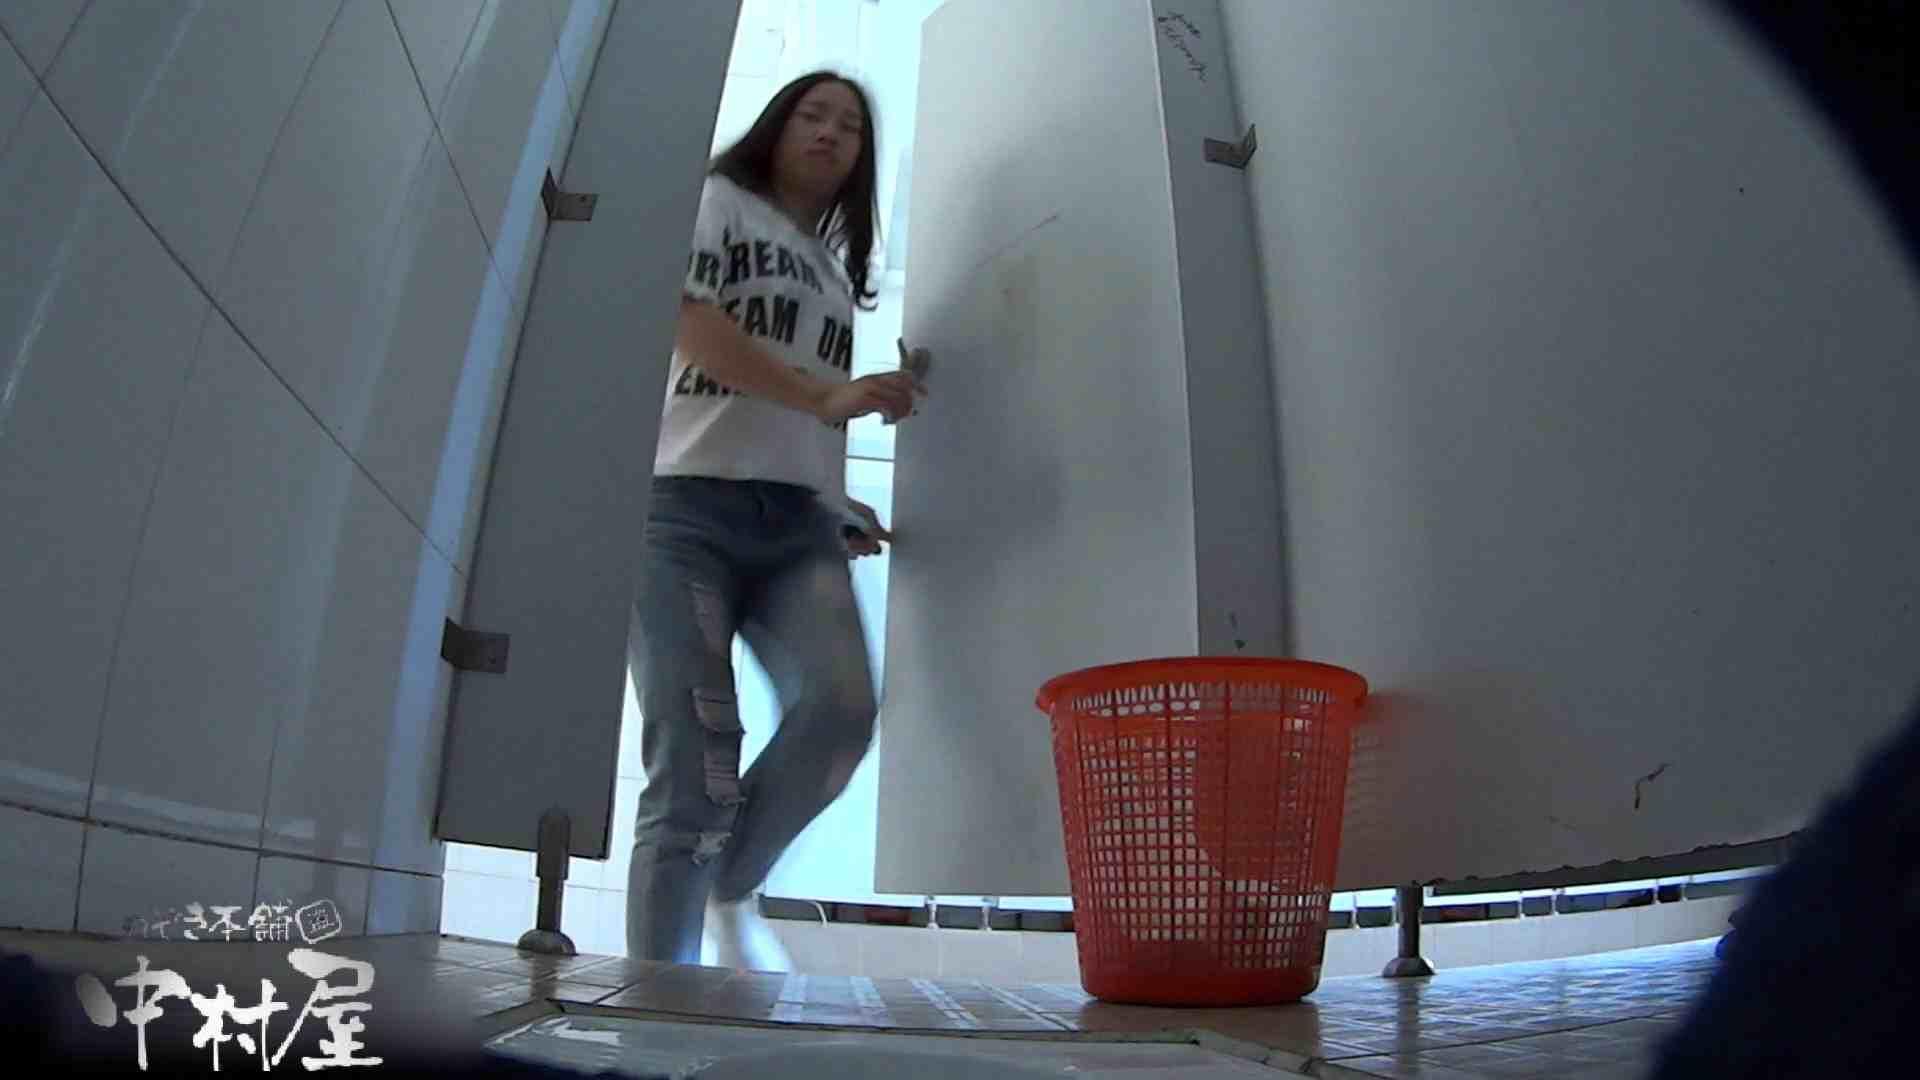 アジアンビューティー達の聖水 大学休憩時間の洗面所事情24 洗面所編 濡れ場動画紹介 76PIX 2